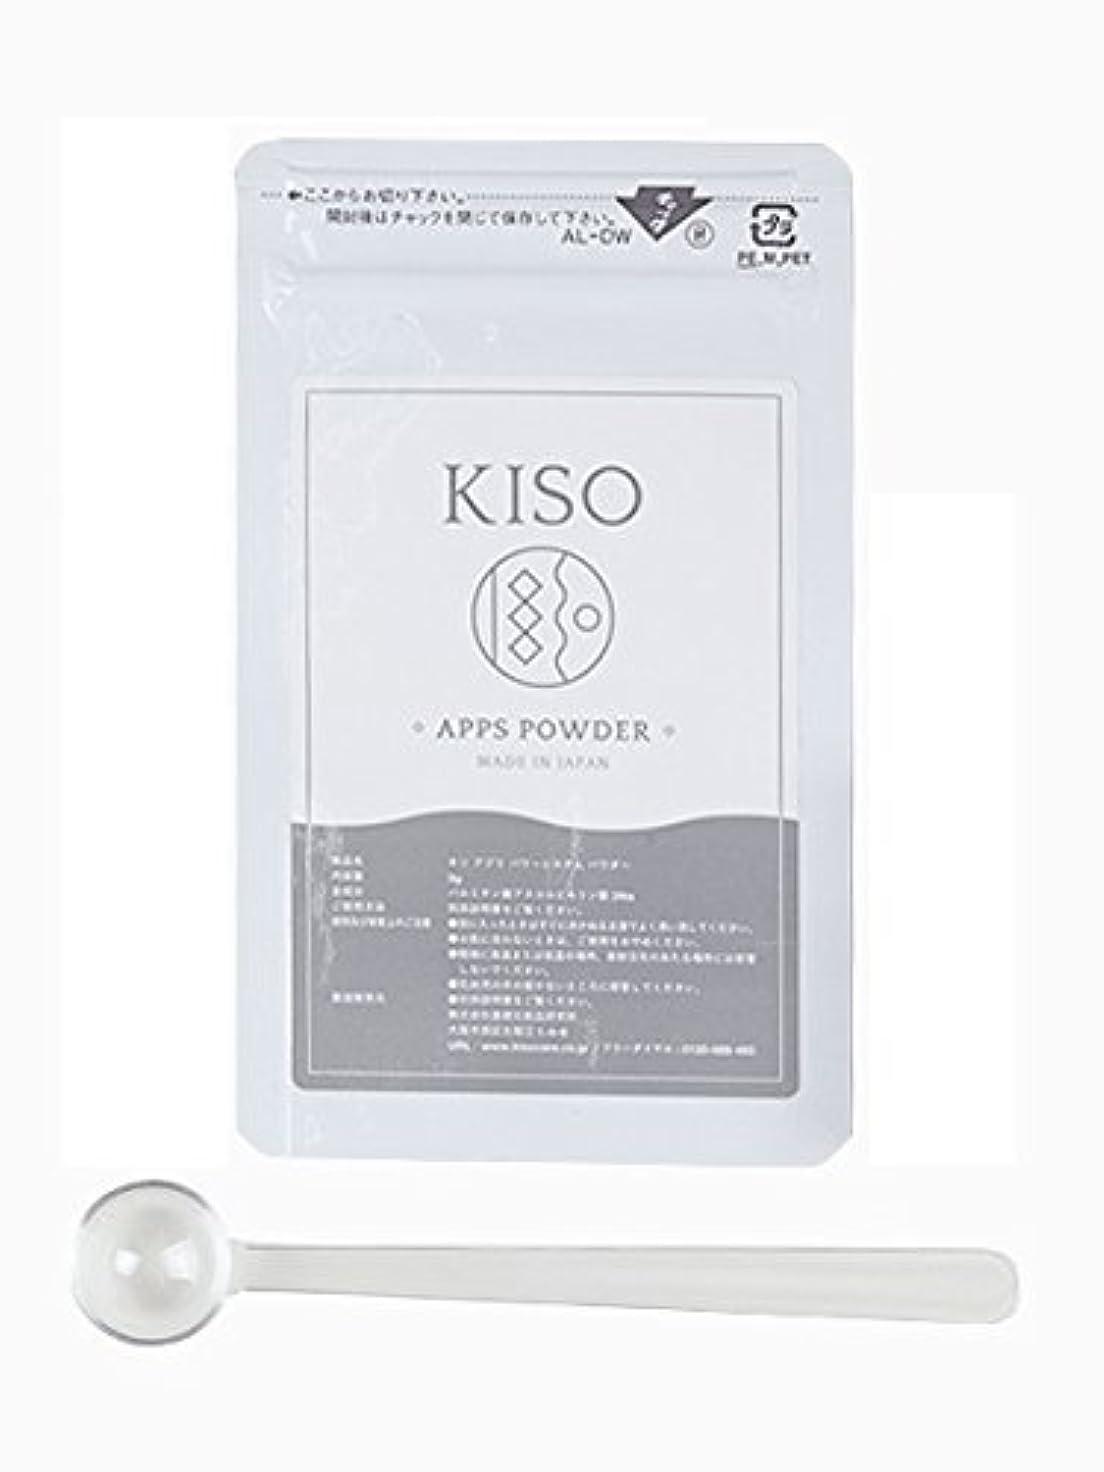 どきどき準備ペインギリックKISO 【APPS POWDER 3g】次世代型ビタミンC誘導体100%パウダー 「アプレシエ」1%化粧水なら300mL分/日本製